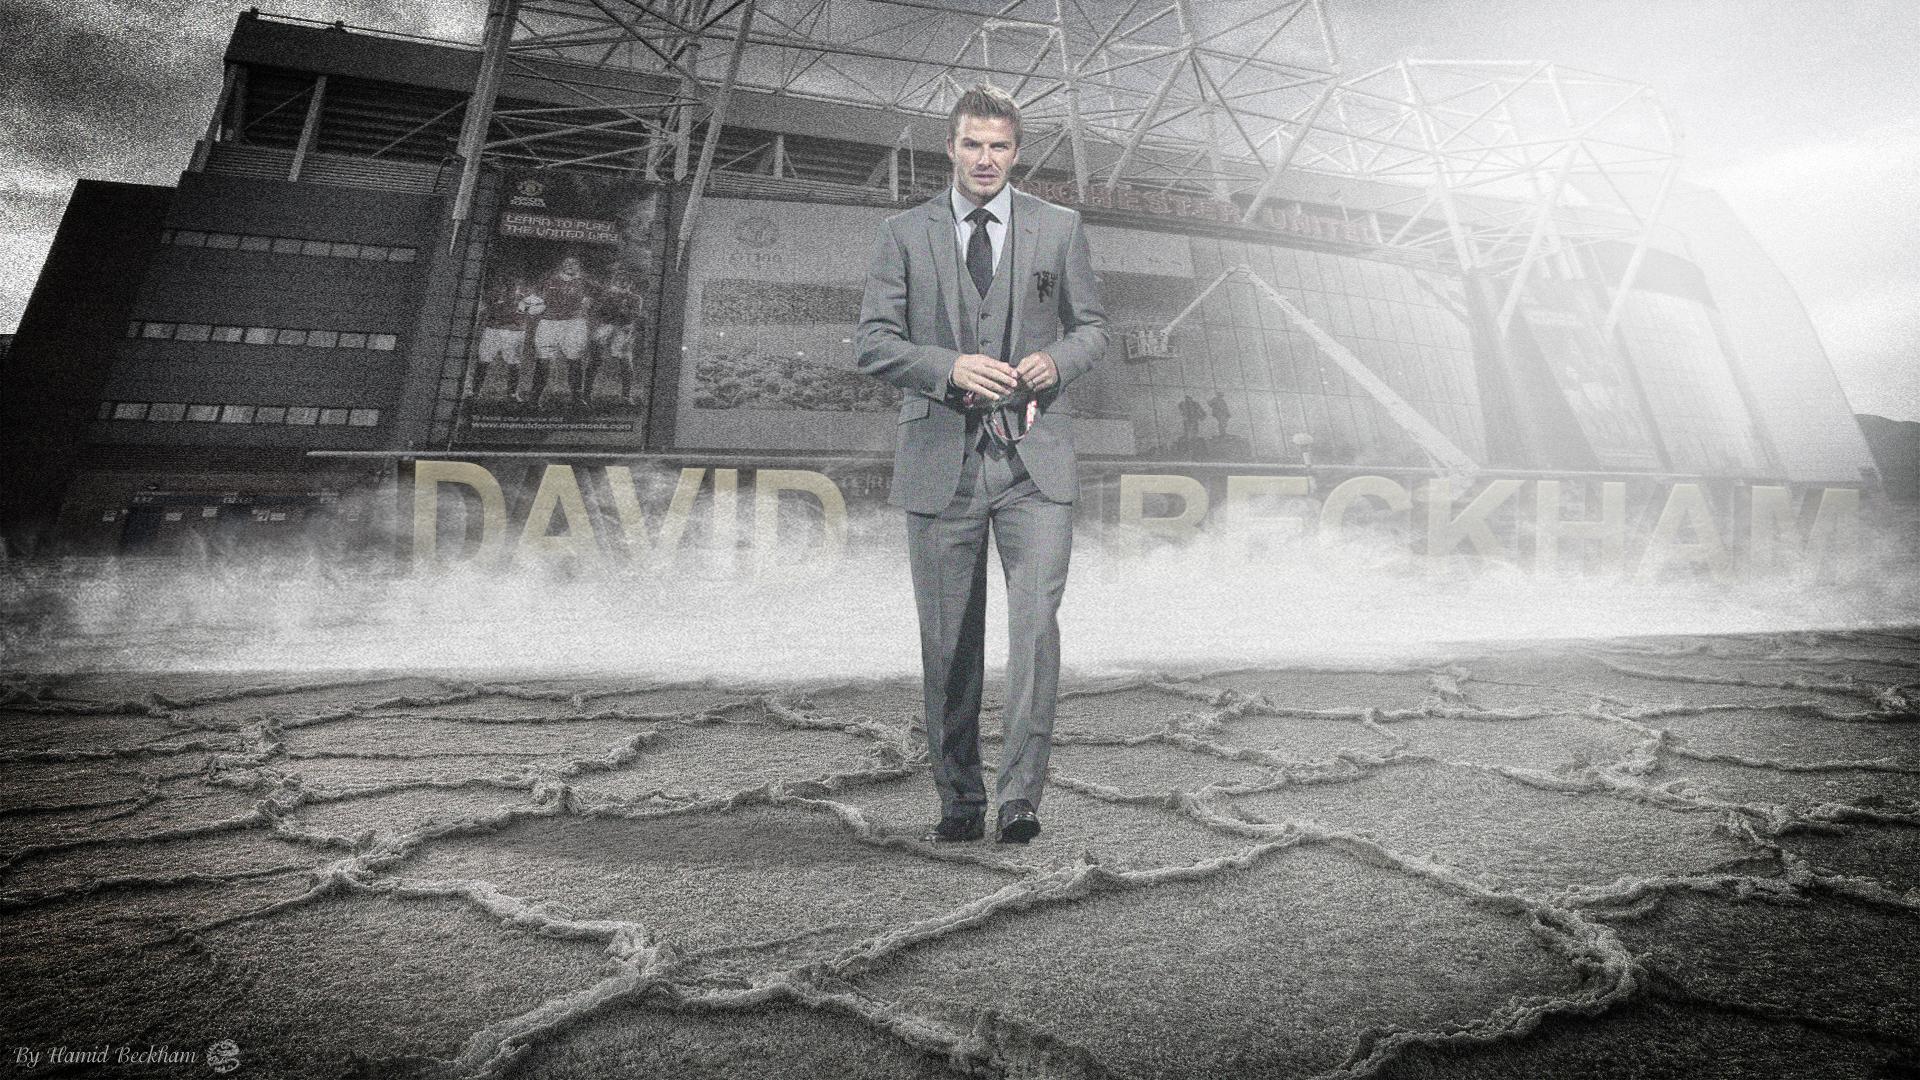 david beckham legend manchester unitedhamidbeckham on deviantart